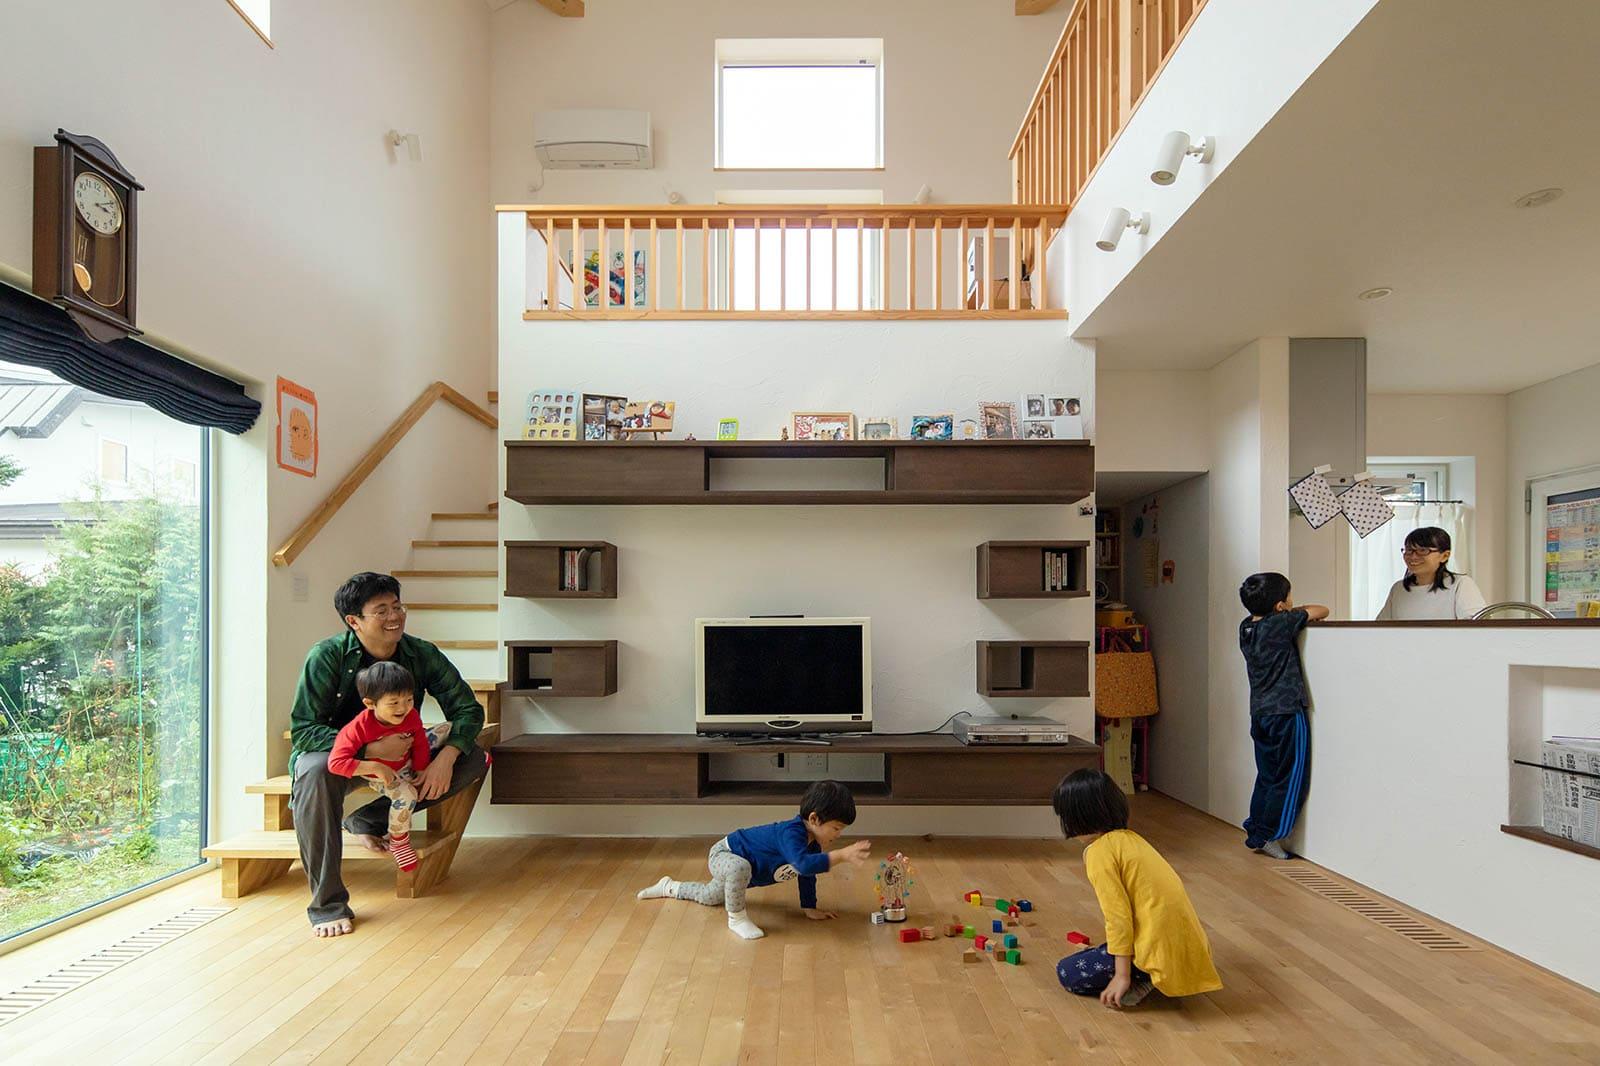 家族でいるといつも賑やか。子どもたちが室内を安全に駆け回れるよう、暖房のパネルヒーターは床下に収めた